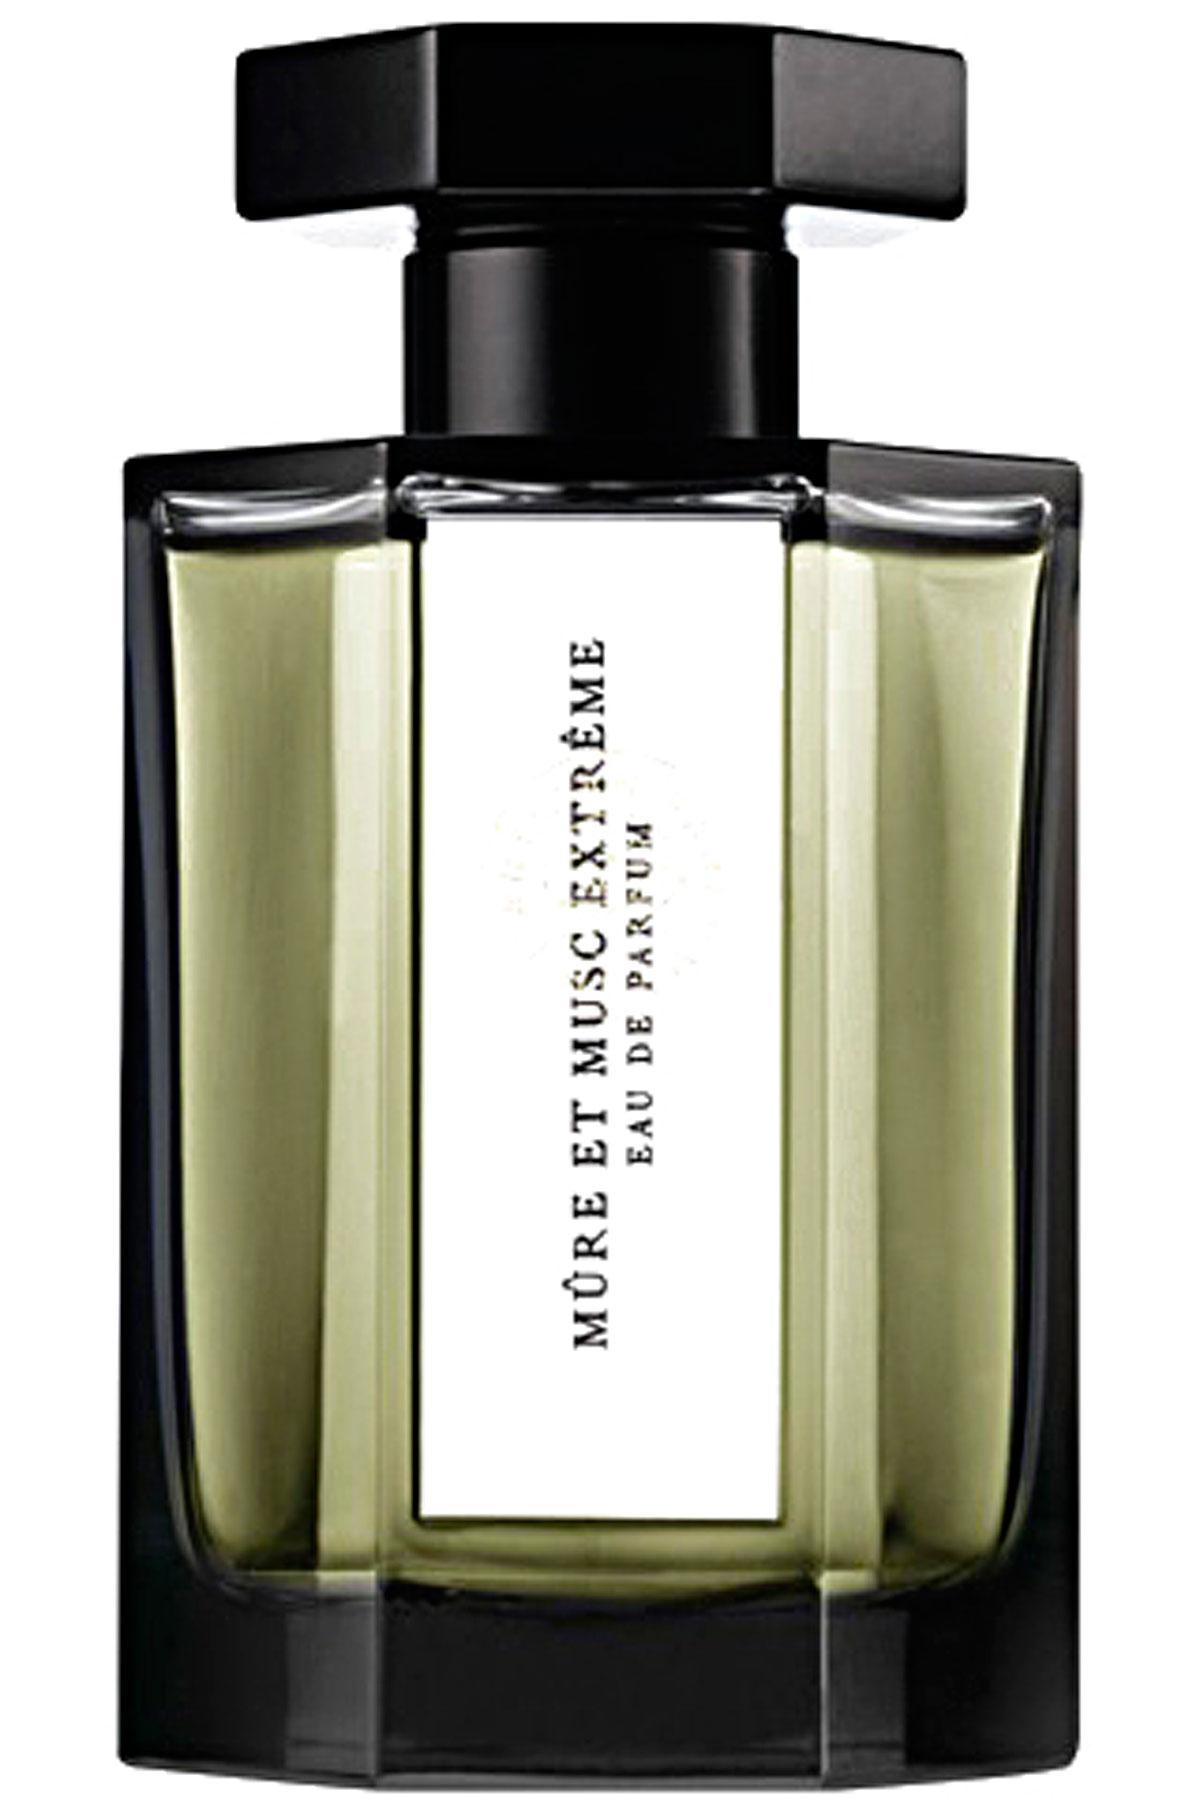 Artisan Parfumeur Fragrances for Men, Mure Et Musk Extreme - Eau De Parfum - 100 Ml, 2019, 100 ml